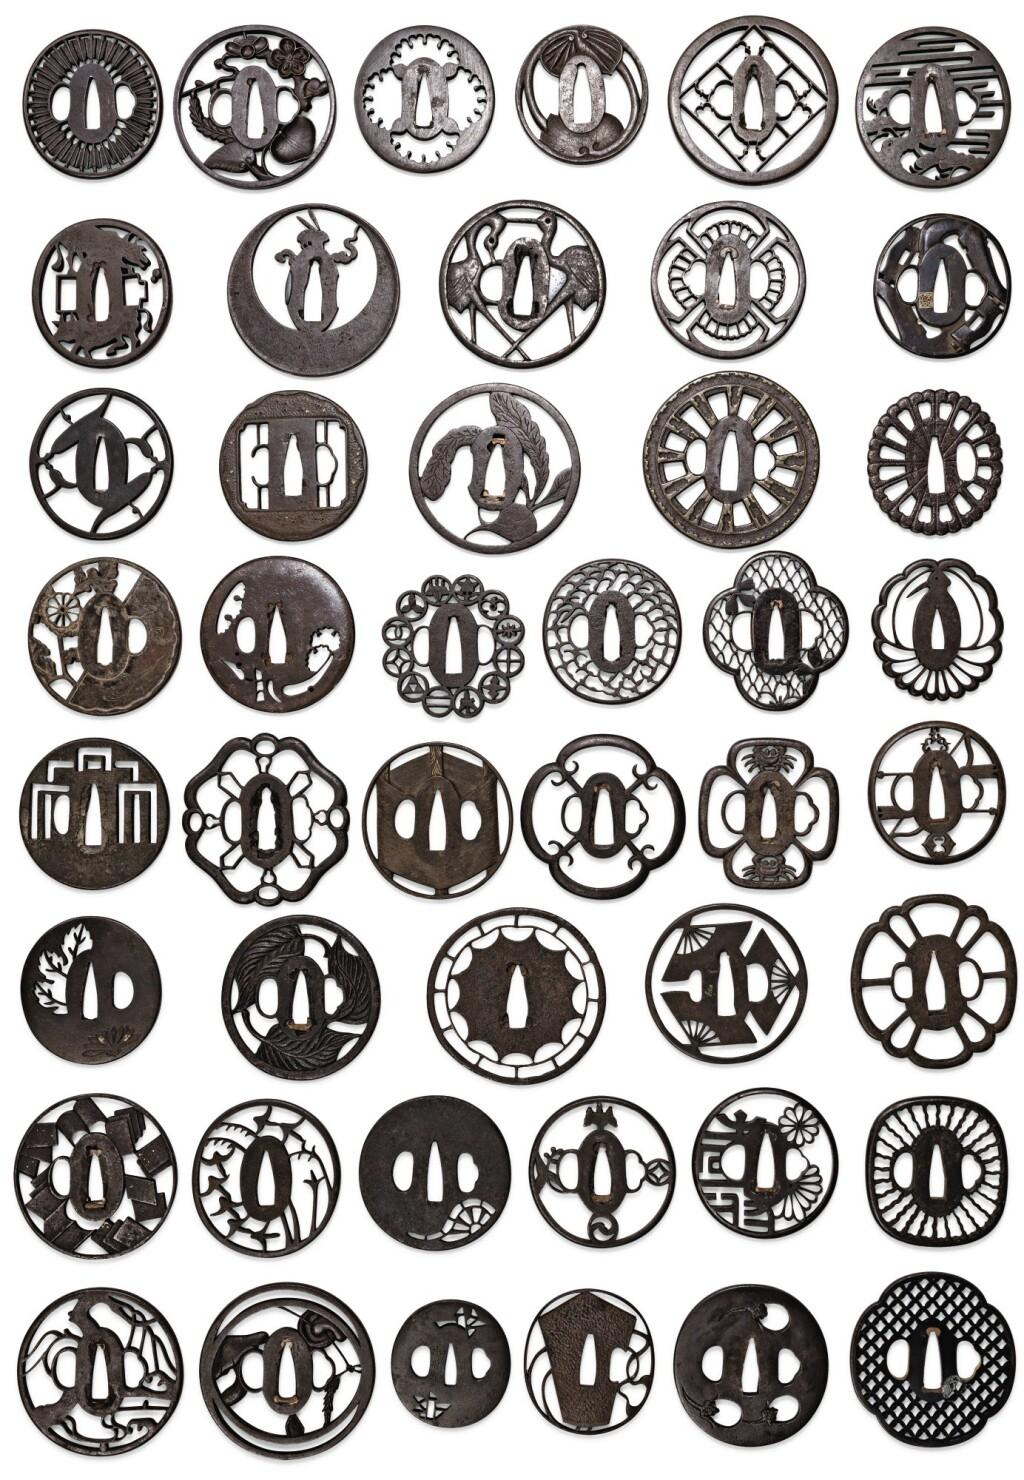 ENSEMBLE DE QUARANTE-CINQ TSUBA EN FER JAPON, ÉPOQUE EDO/MEIJI | A group of forty-five iron tsuba, Japan, Edo/Meiji period